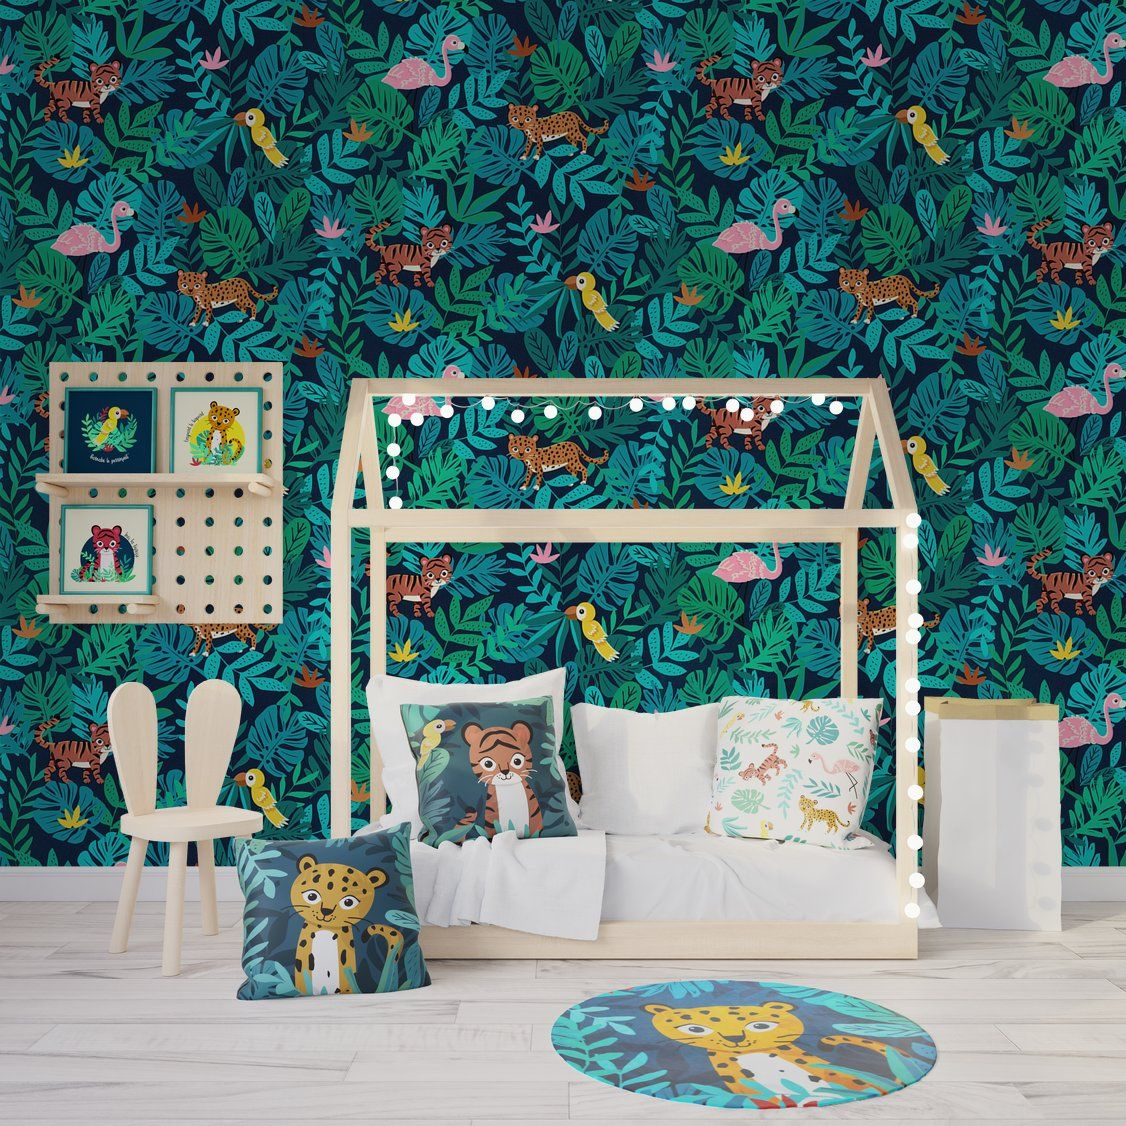 Papier Peint Deco Marine papier peint intissé jungle kidse.rivassoux coloris bleu